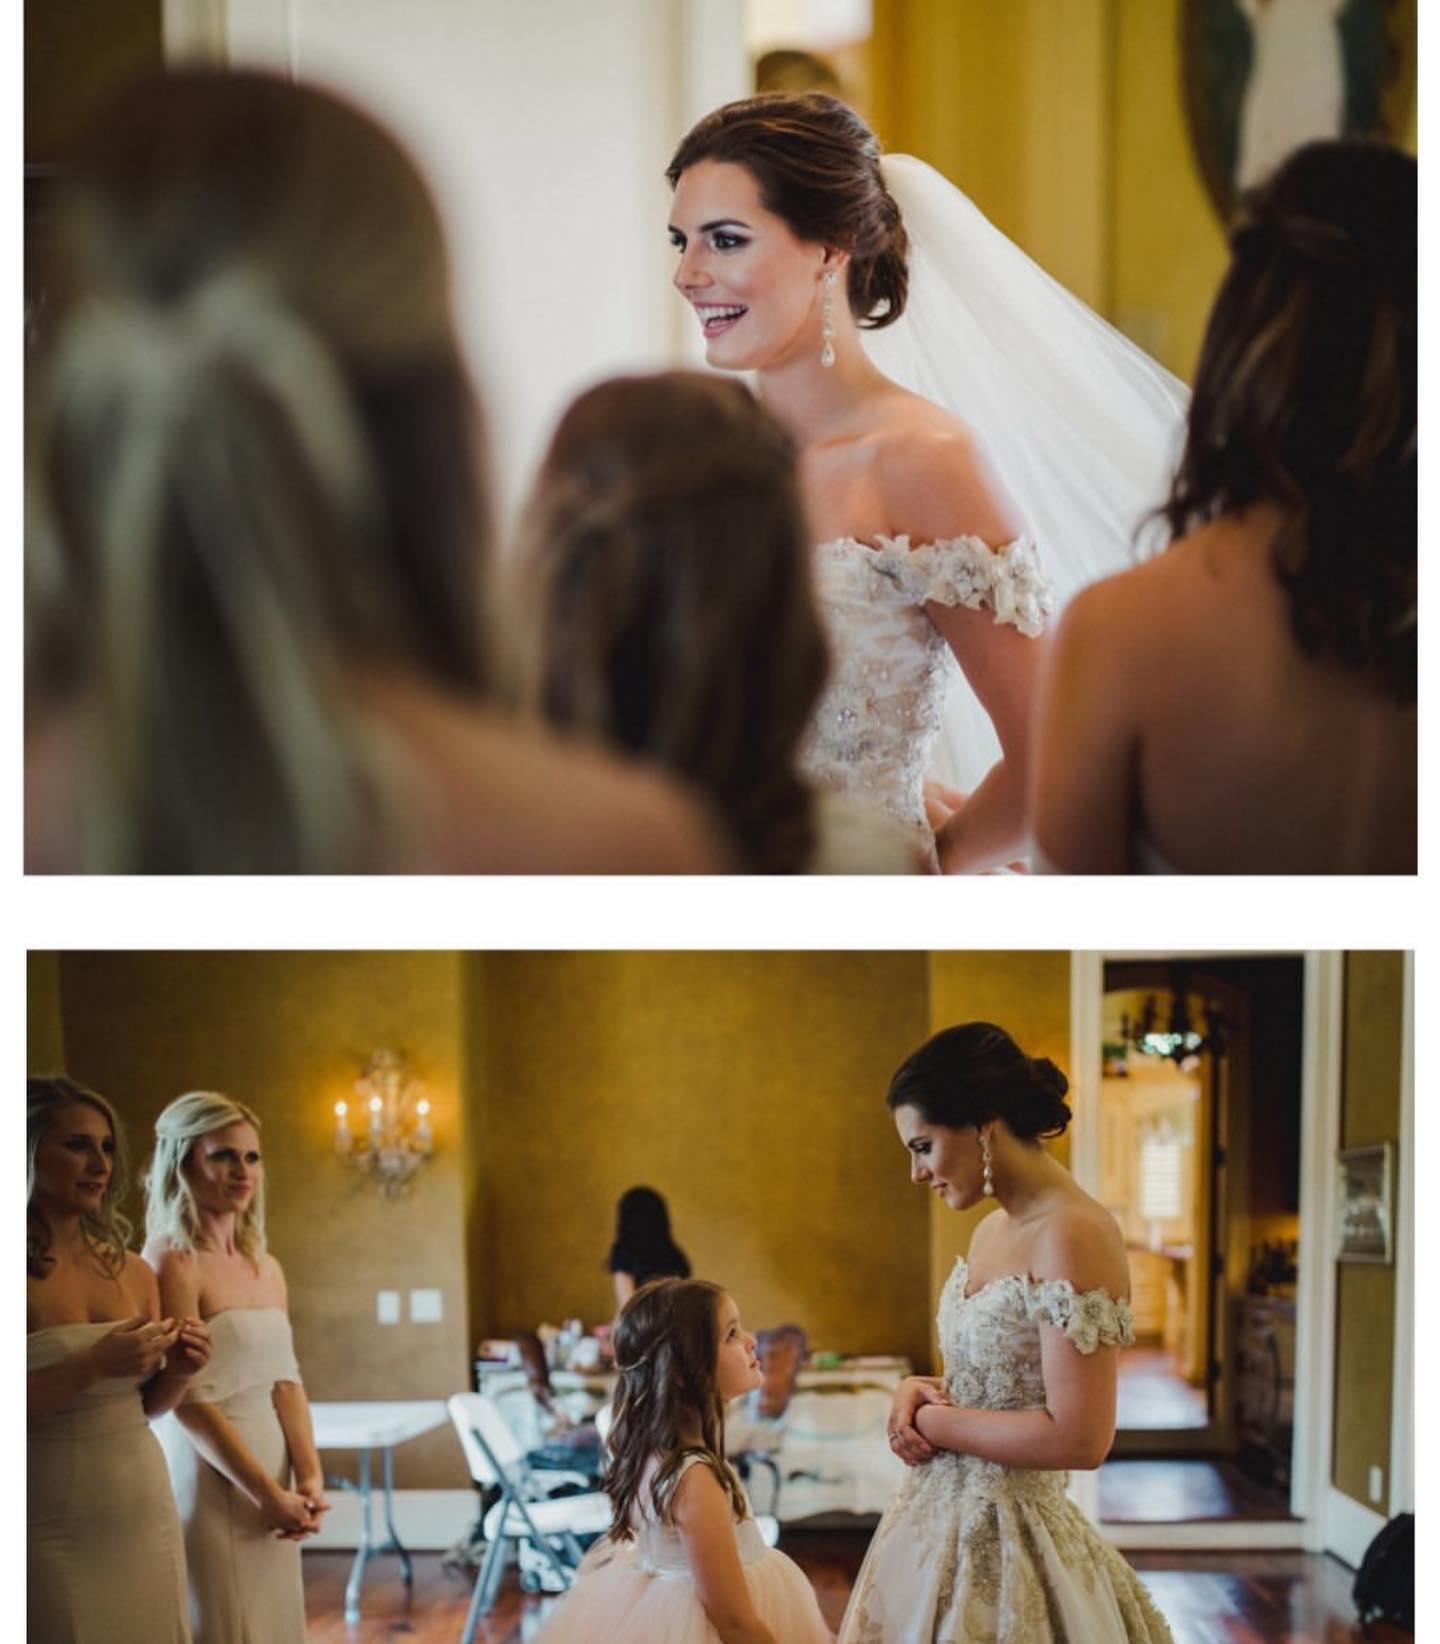 High end wedding makeup artist St. Regis